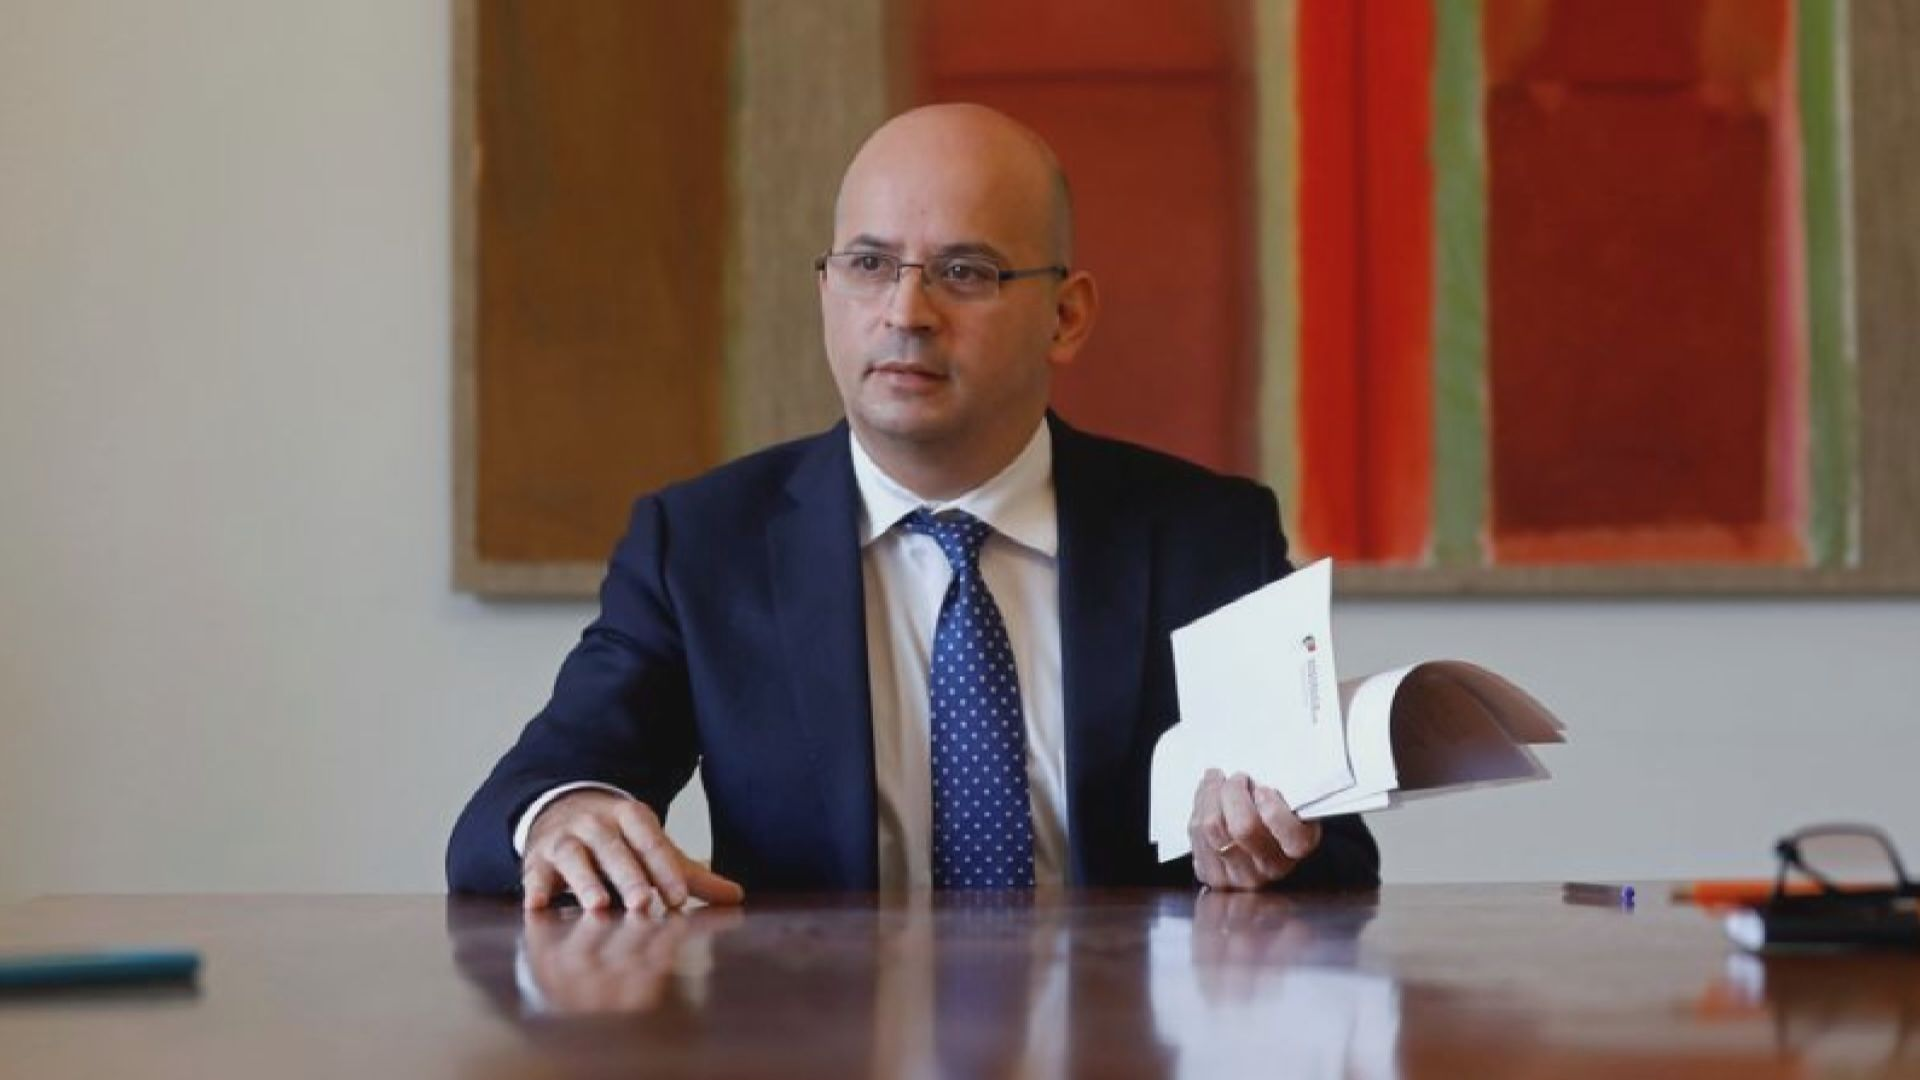 葡萄牙財長確診感染新冠病毒